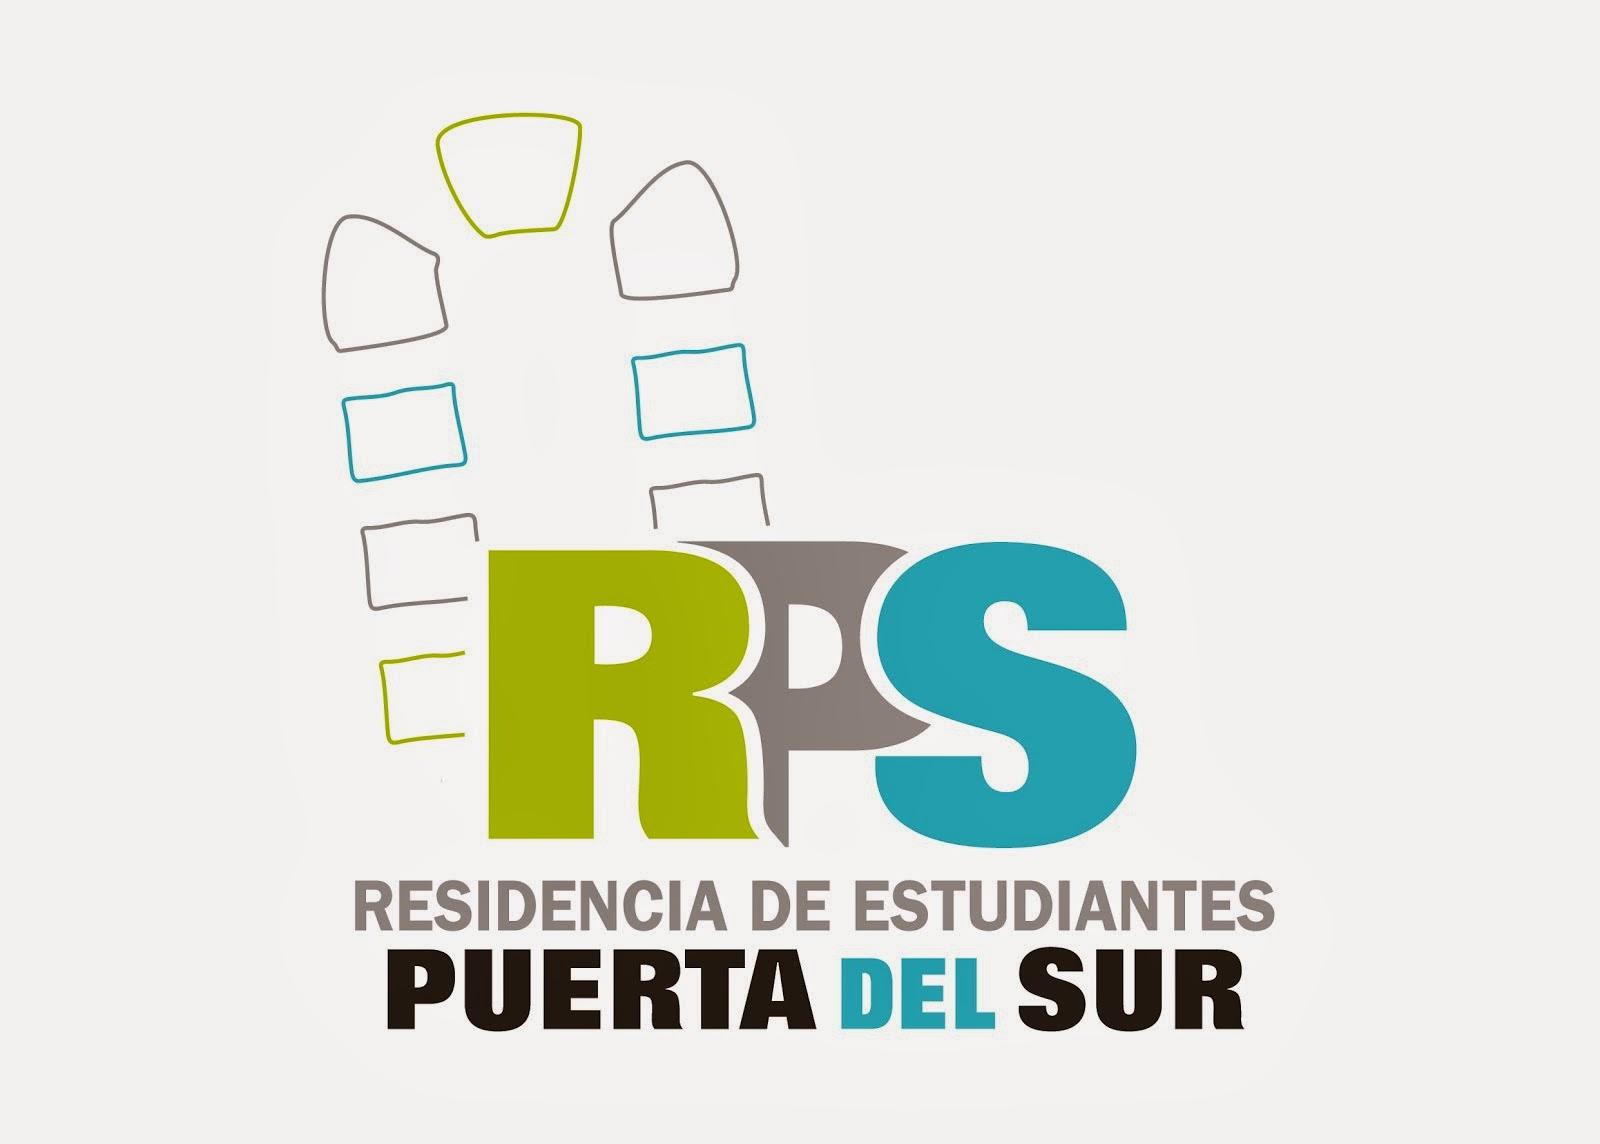 RESIDENCIA ESTUDIANTES PUERTA DEL SUR